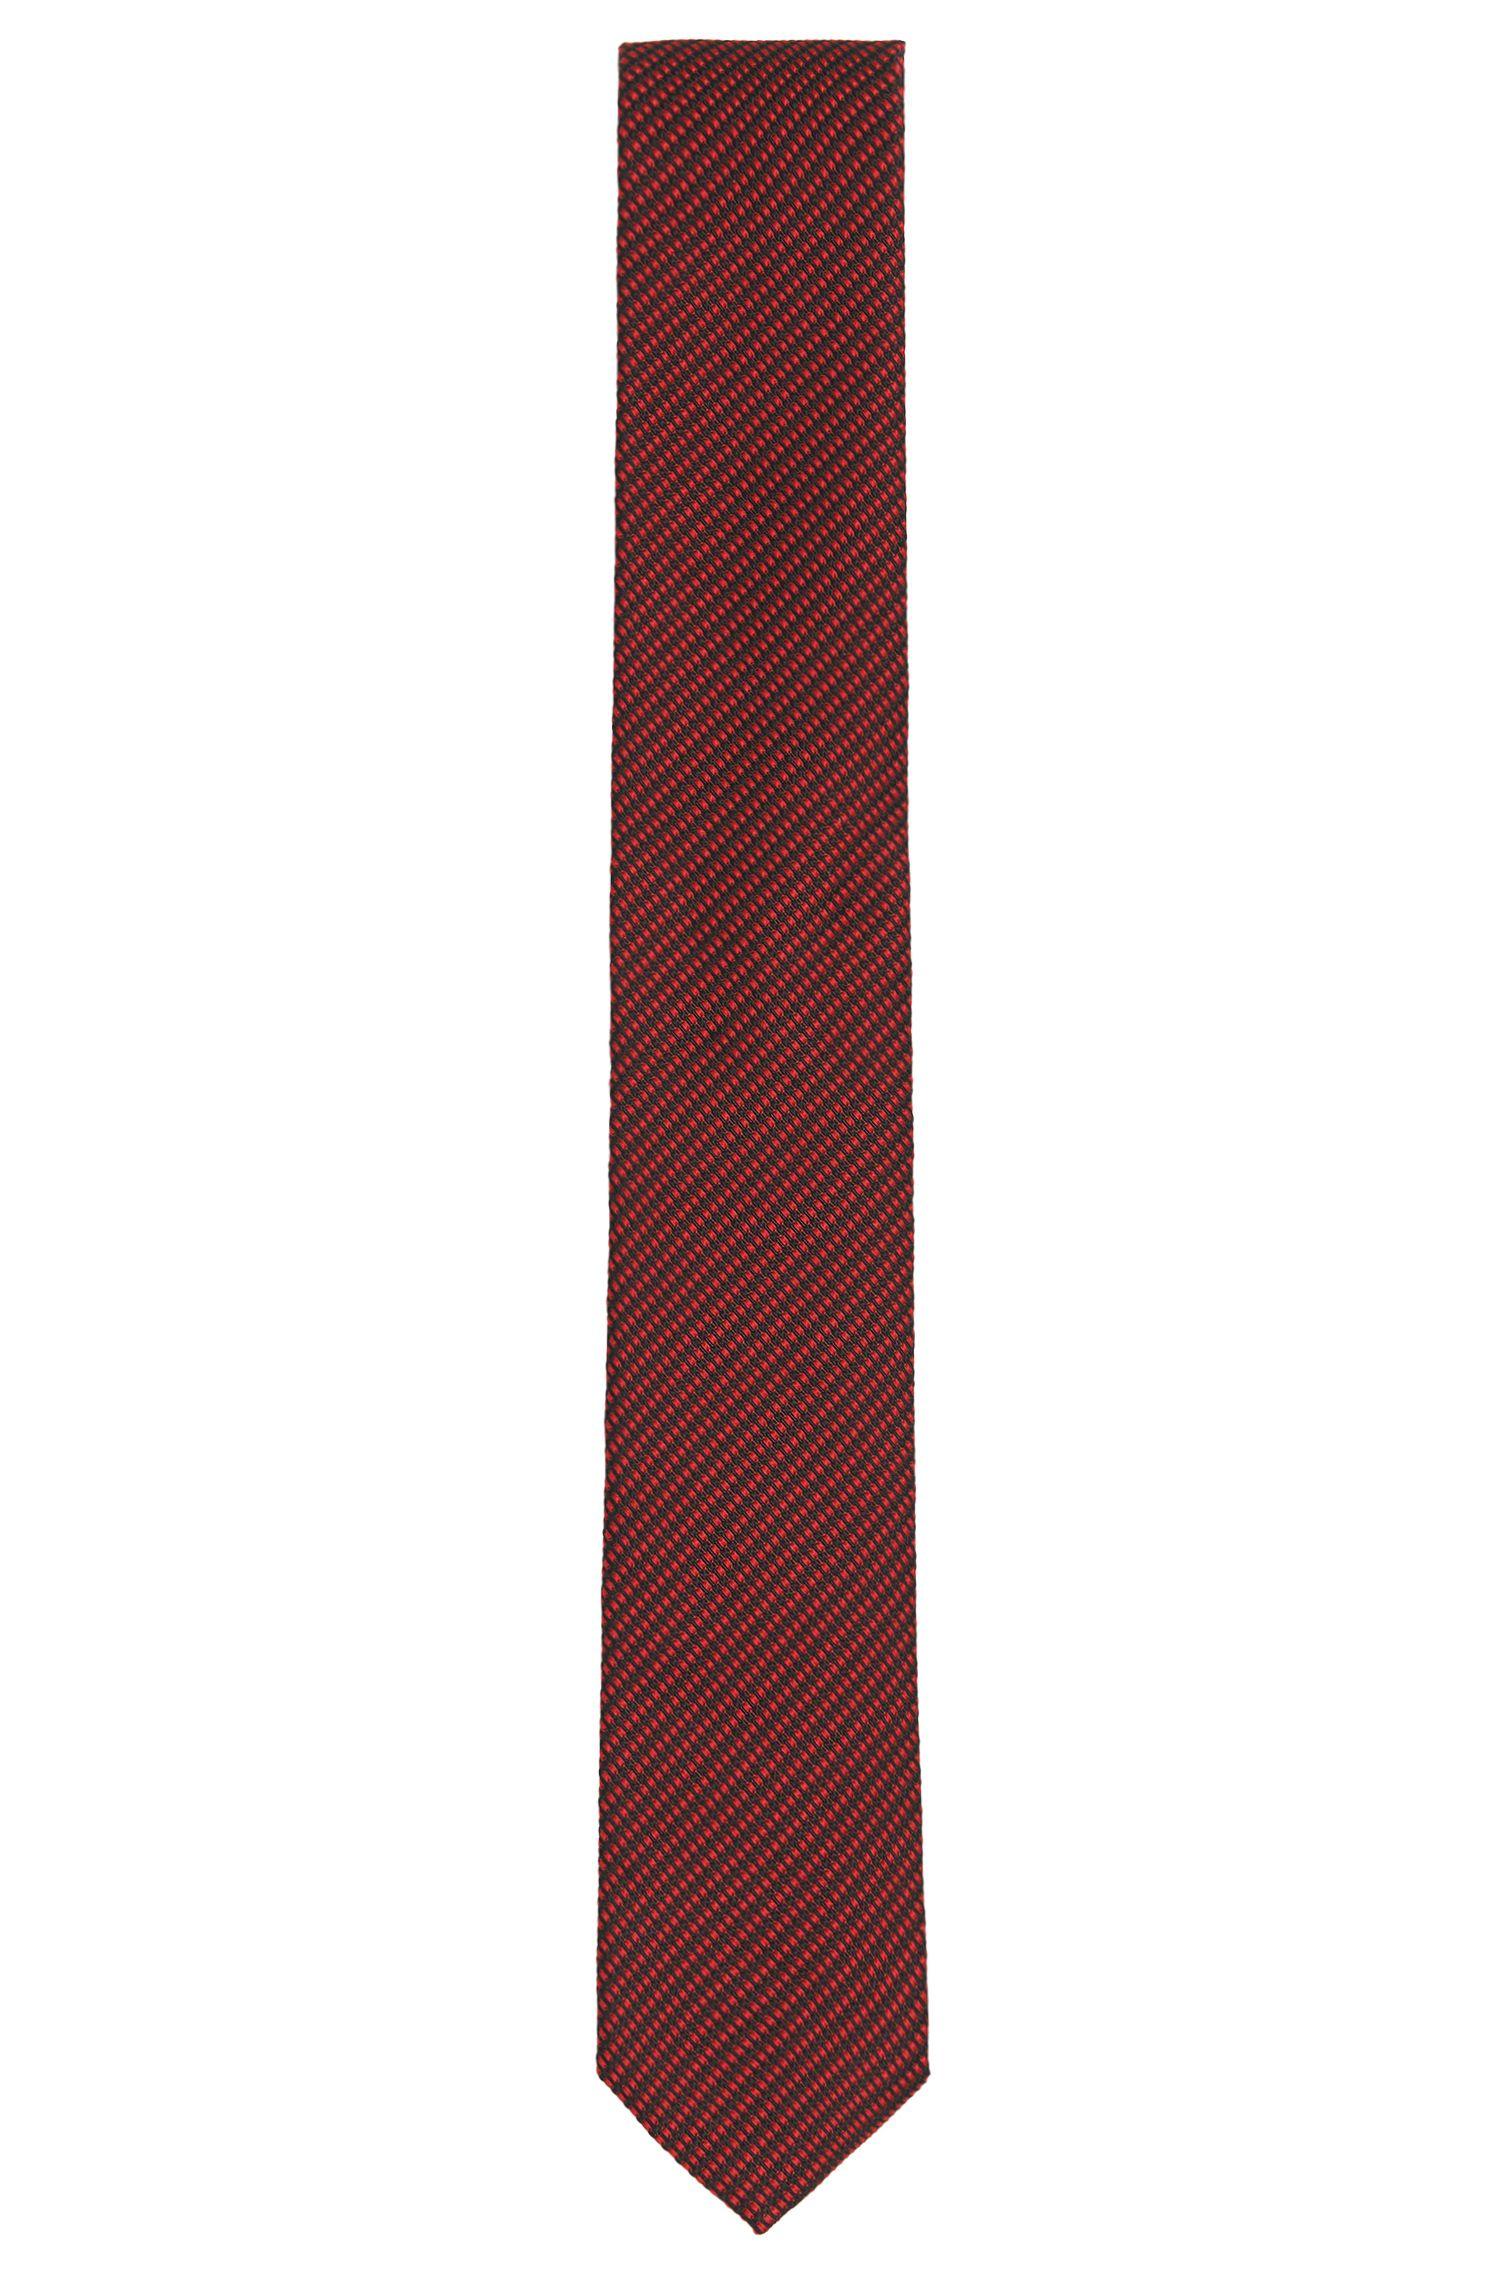 Tailored Krawatte aus Seide mit feiner Struktur: 'T-Tie 6 cm'